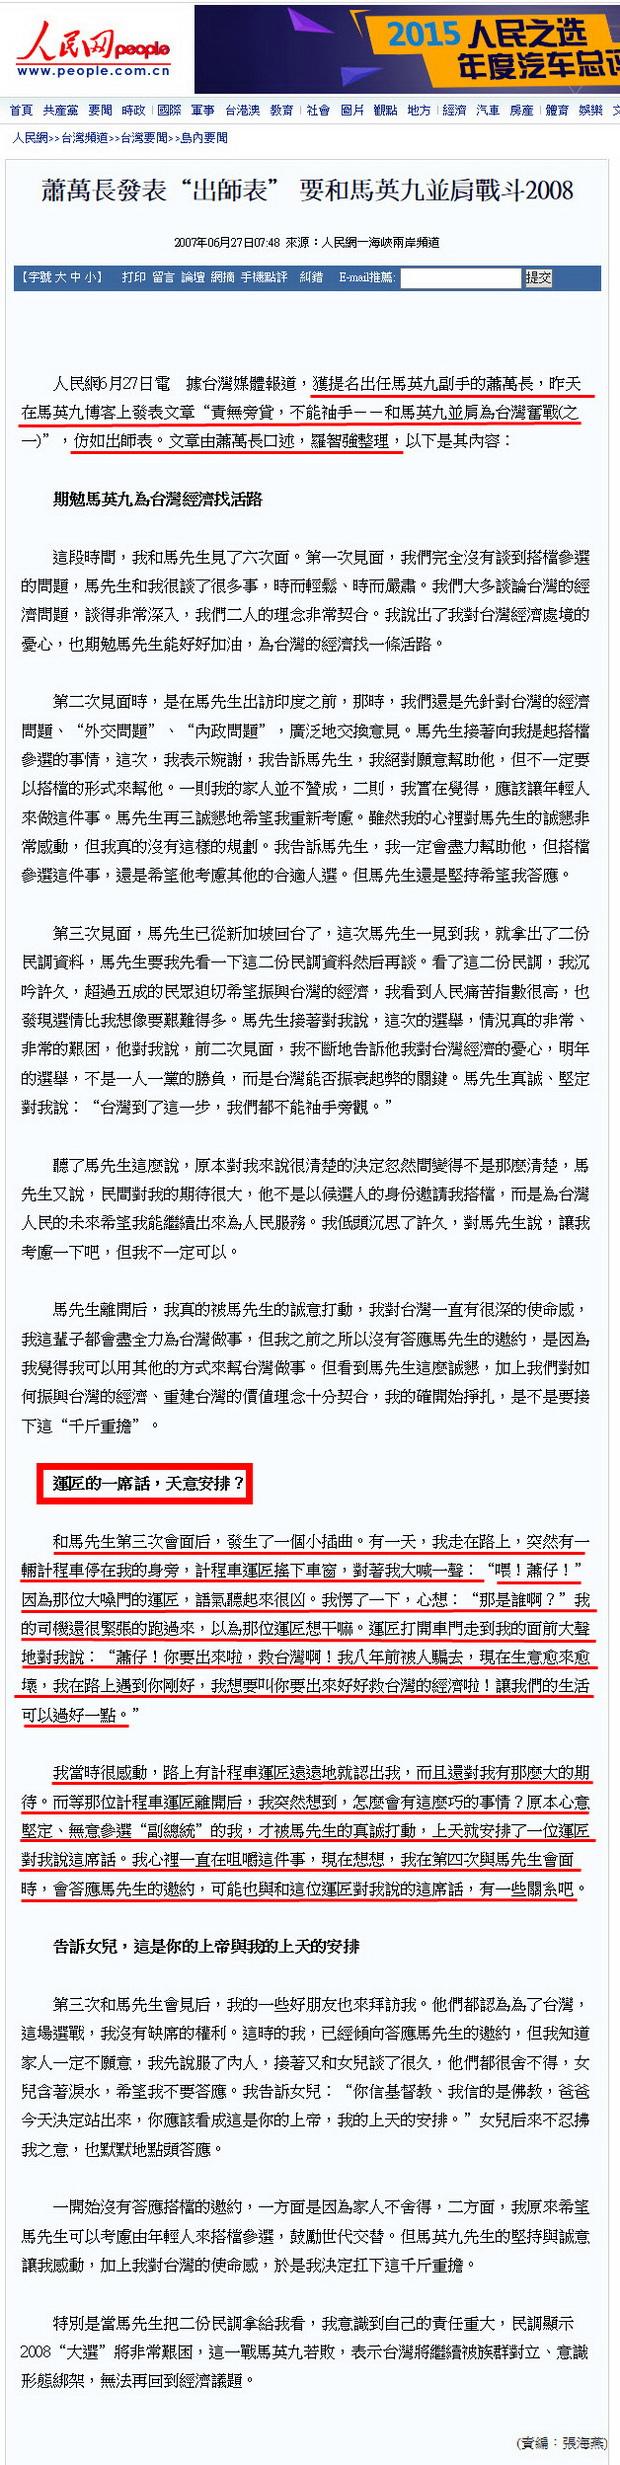 """蕭萬長發表""""出師表"""" 要和馬英九並肩戰斗2008-2007.06.27.jpg"""